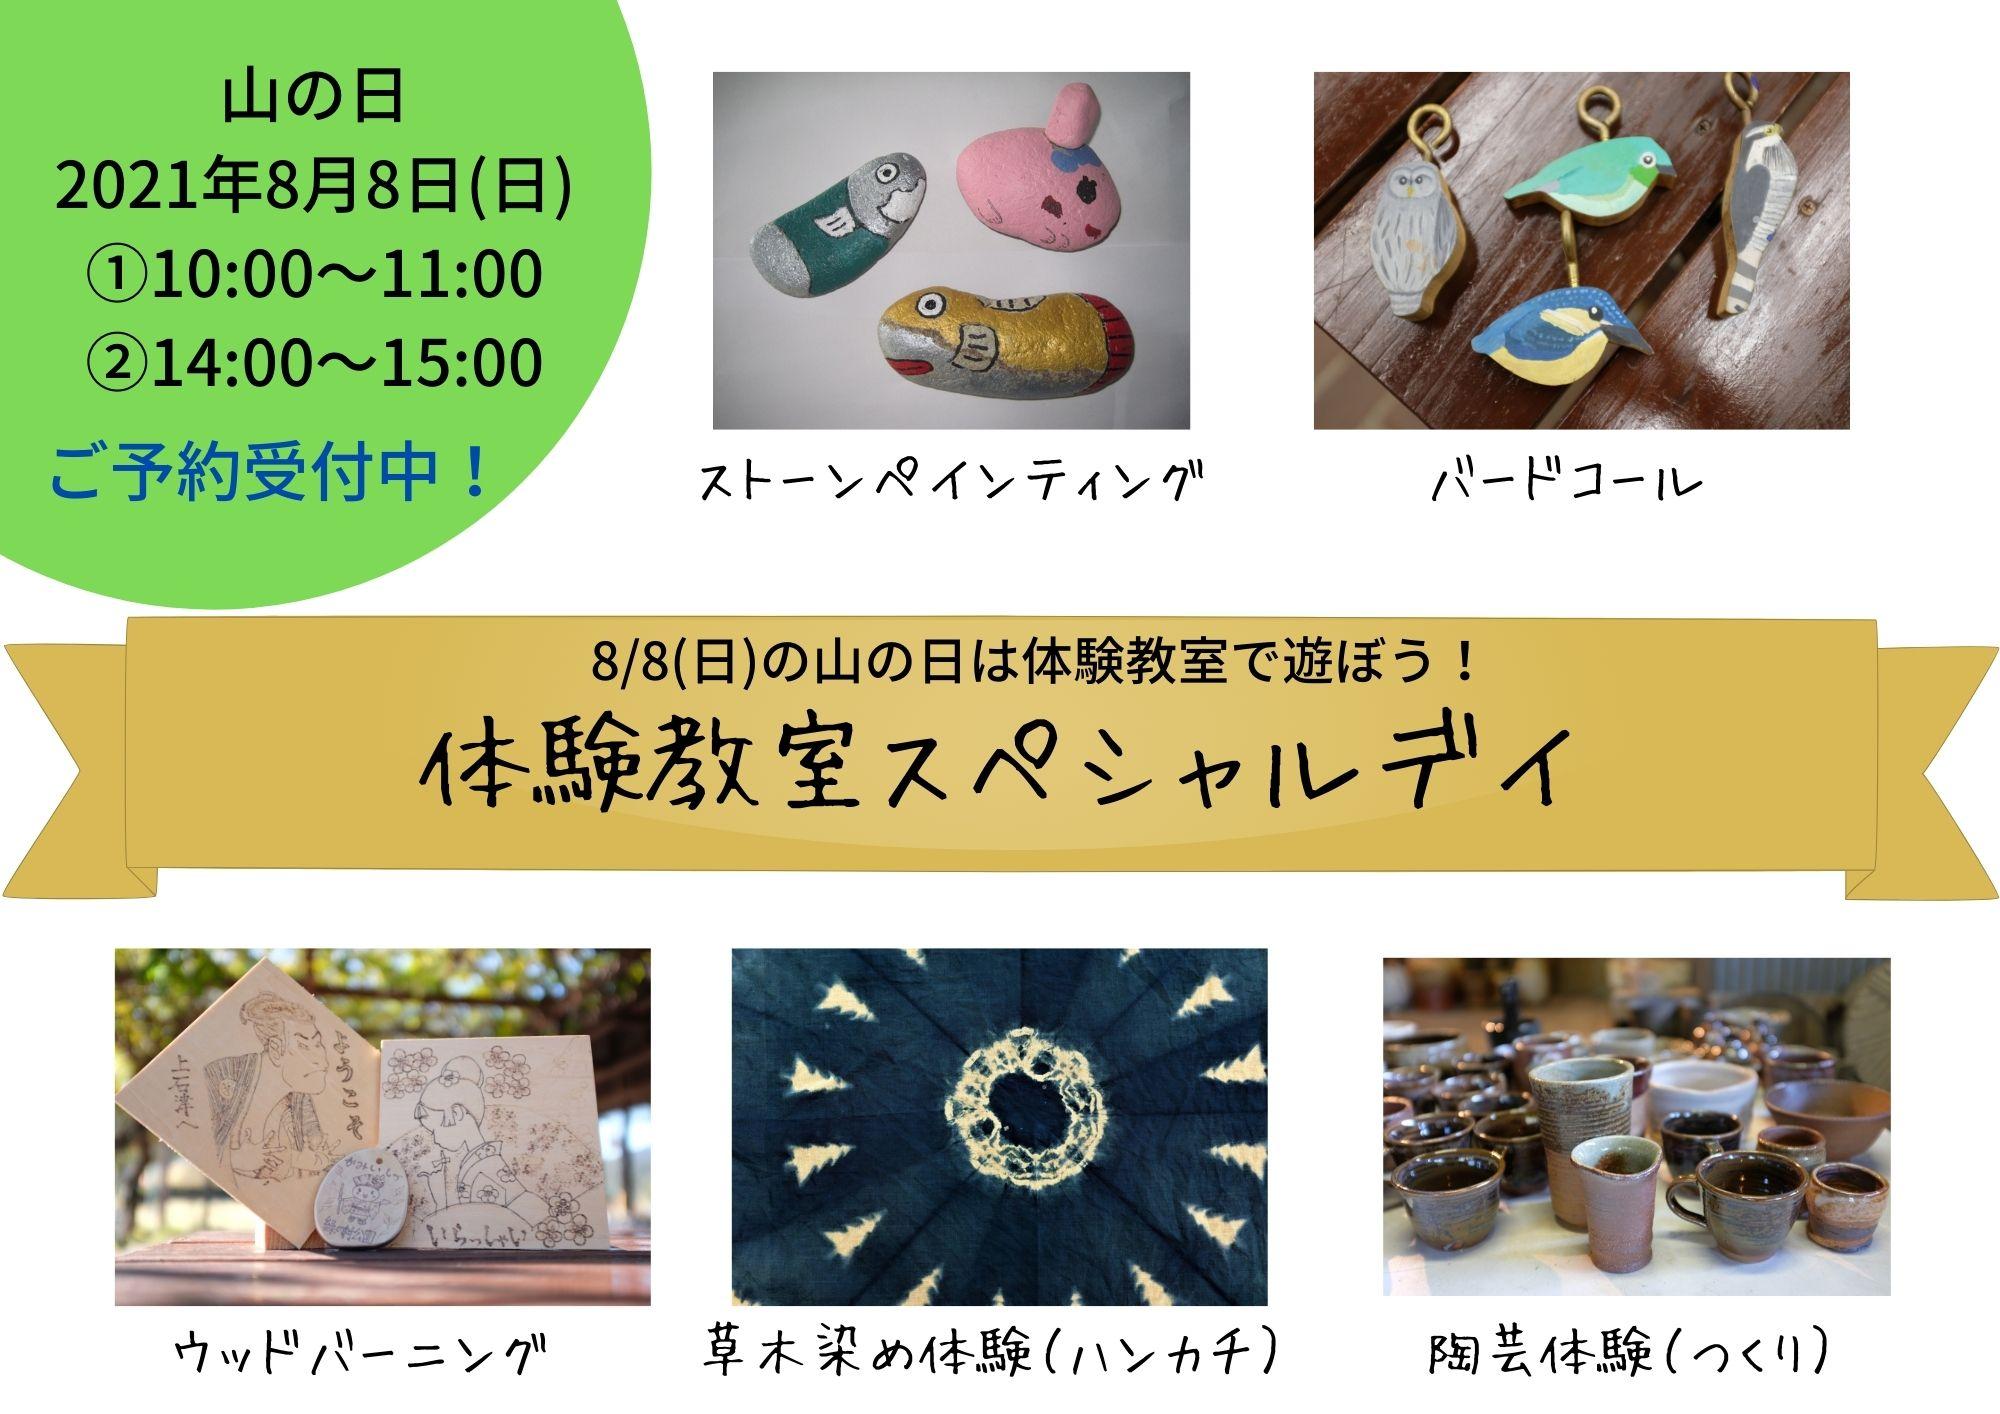 8/8(日)山の日は『体験教室スペシャルデイ』を開催します!